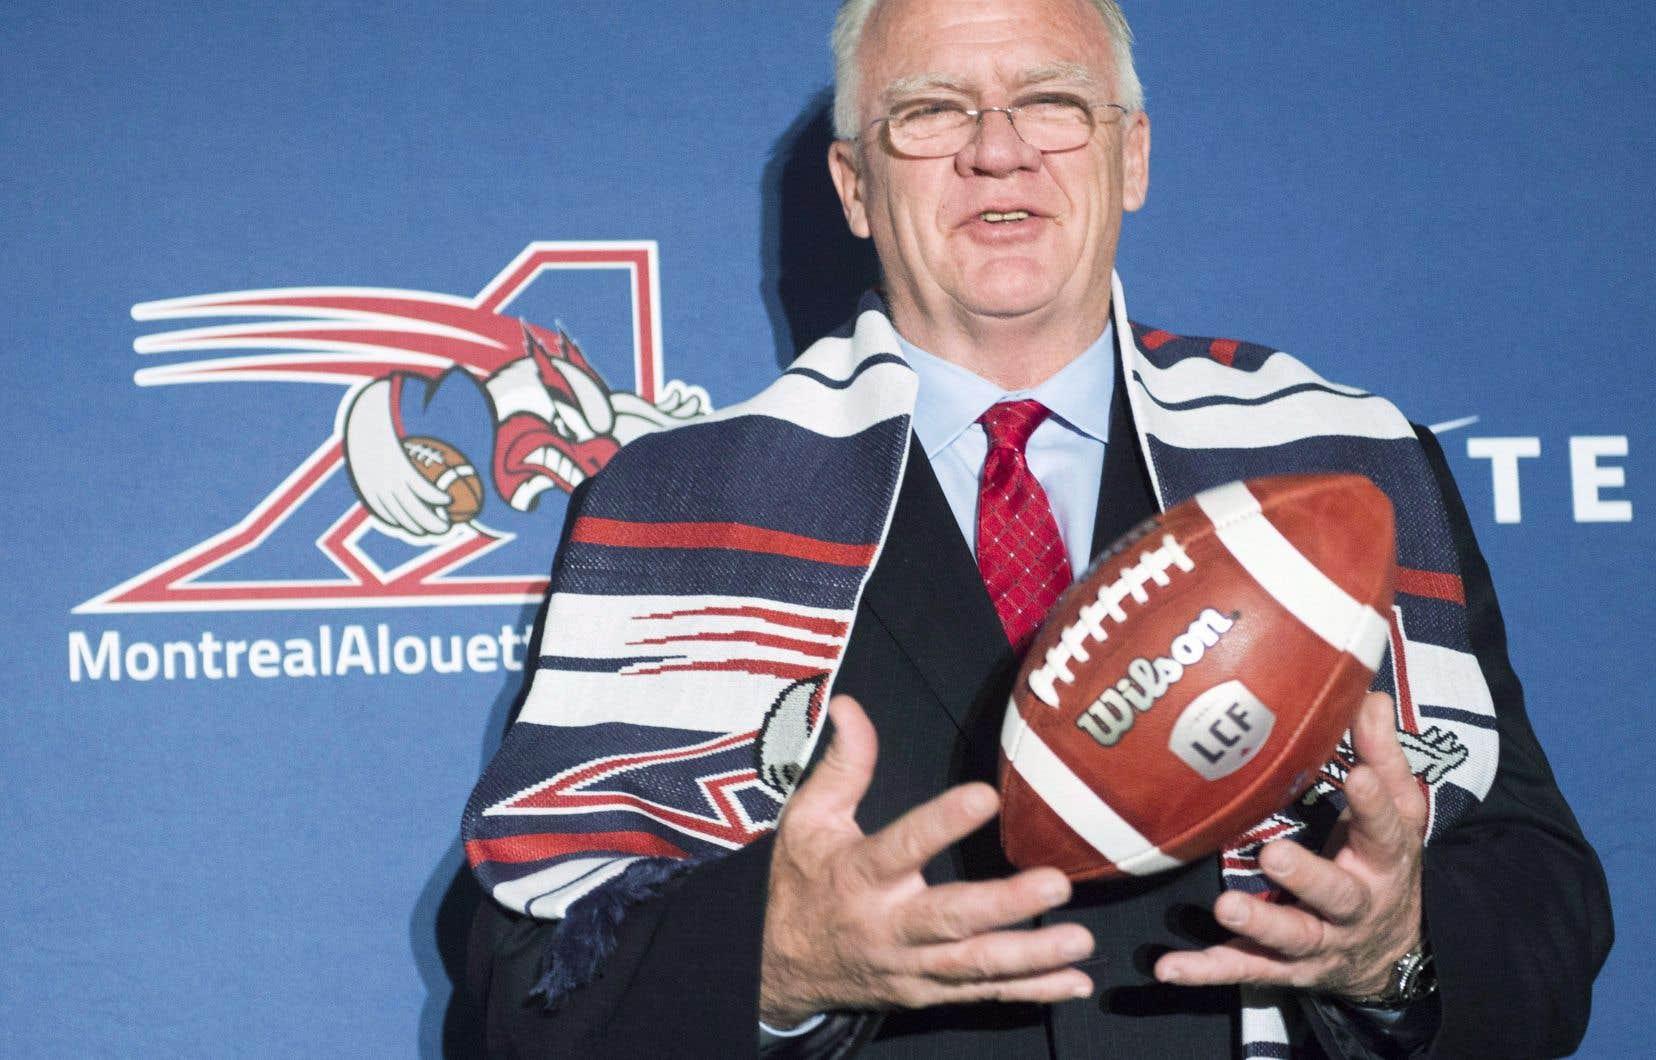 MikeSherman devra développer ses connaissances sur la Ligue canadienne. Les dimensions du terrain, le 12ehomme et les joueurs en mouvement sont des nouveautés pour lui.